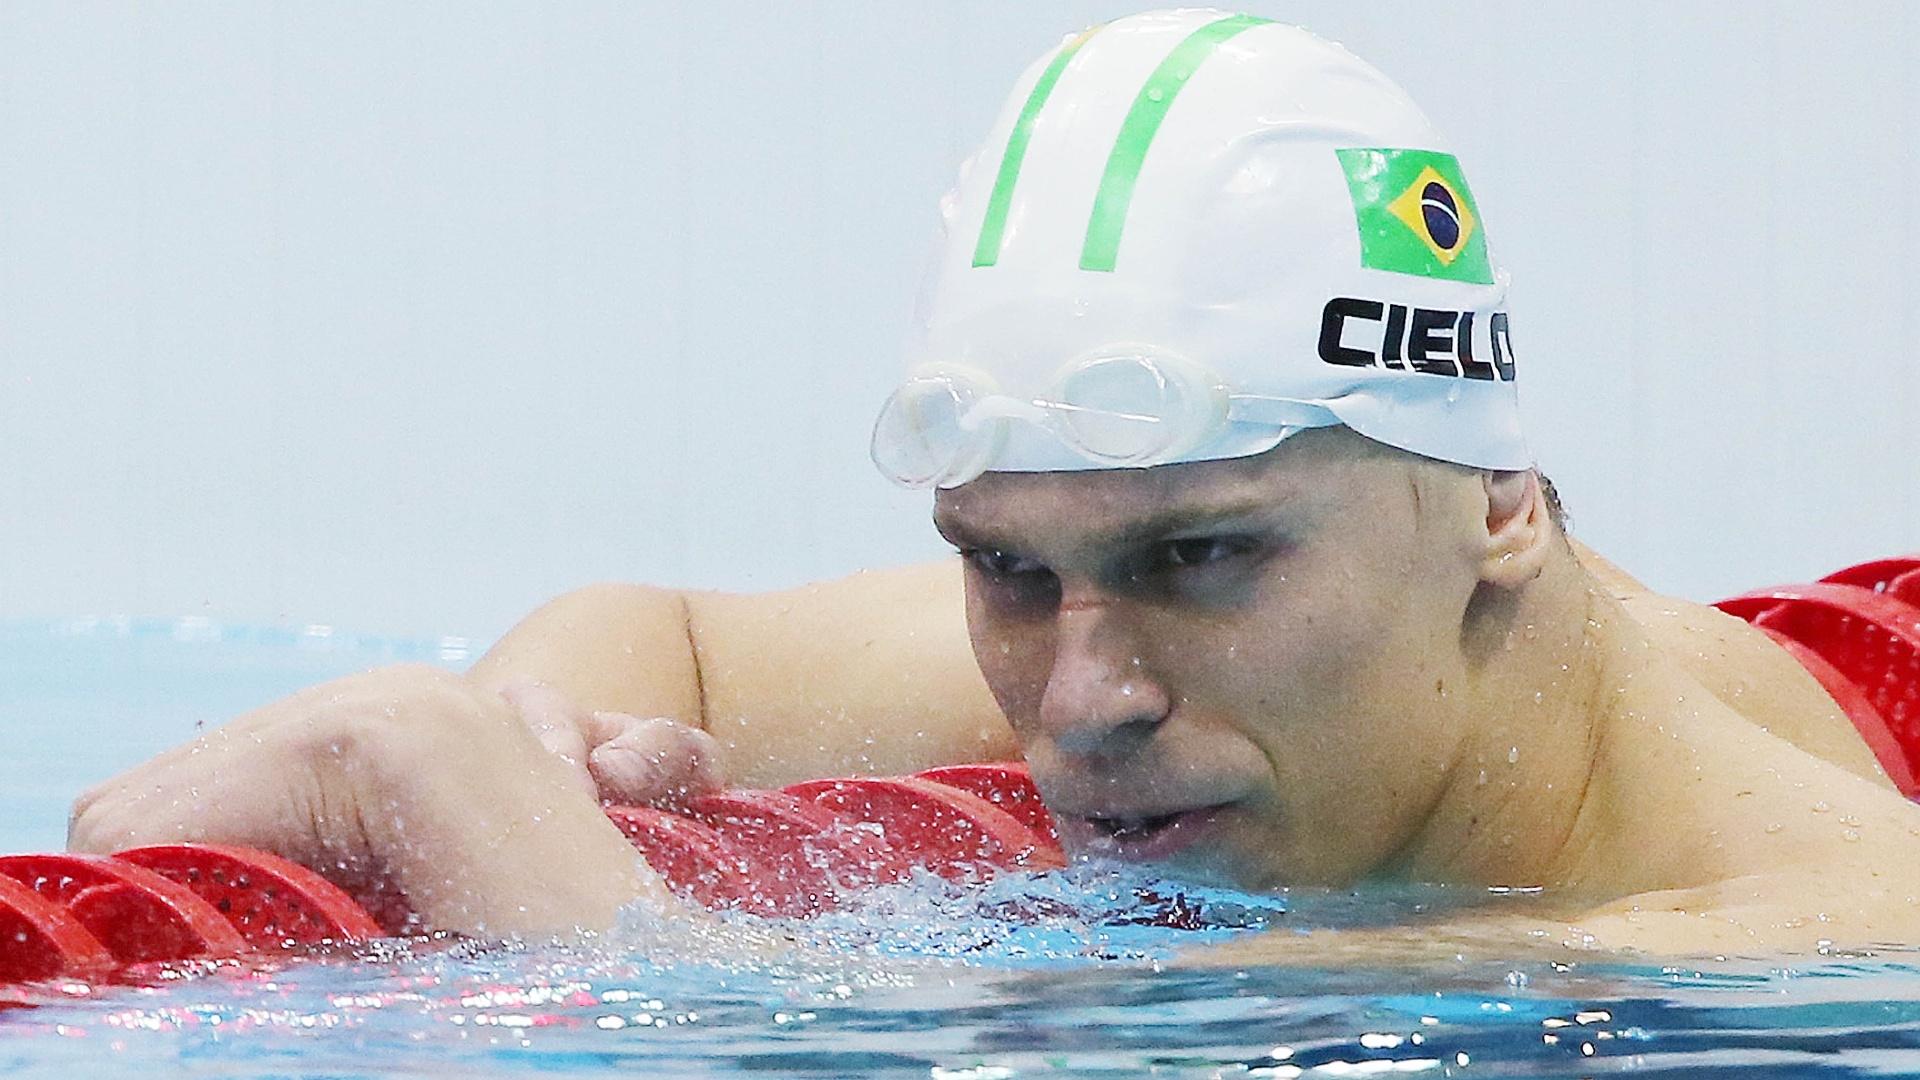 Nadador brasileiro Cesar Cielo após terminar a prova dos 50 metros livres na terceira colocação nos Jogos Olímpicos de Londres